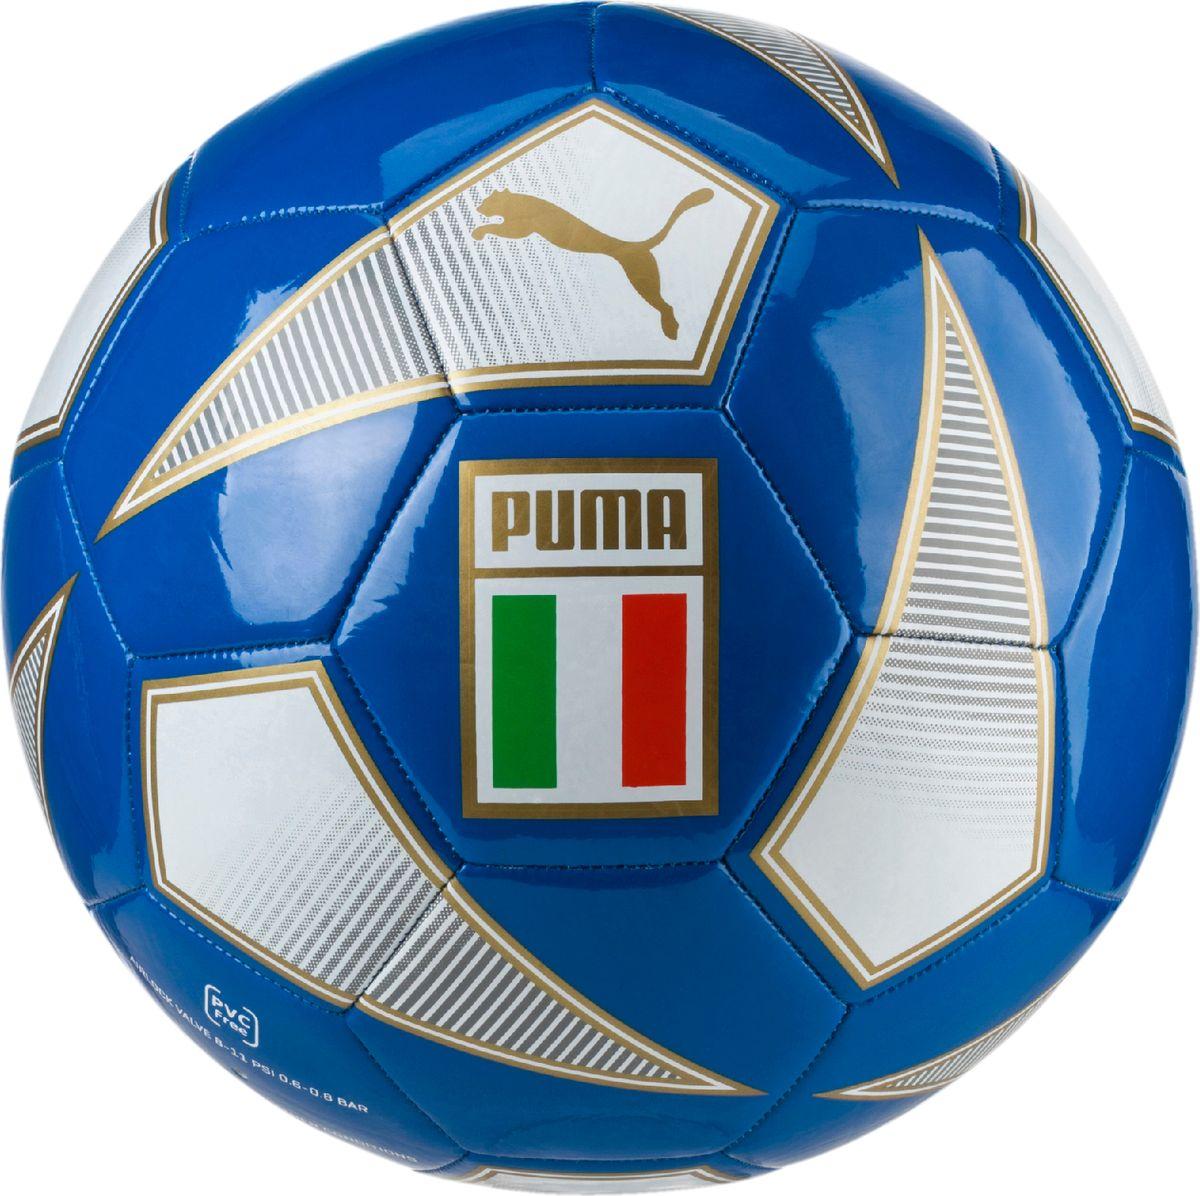 Мяч для игр на любительской уровне станет отличным подарком для всех поклонников национальной сборной Италии по футболу. Сочетание покрытия из термополиуретана, подложки из вспененного термопластичного эластомера и полиэстера, а также надежная машинная прошивка панелей создают такие характеристики мяча, которые обеспечивают удобство приема, сохранение формы, чуткое реагирование на любые действия игрока, предсказуемость отскока, отличные аэродинамические качества.